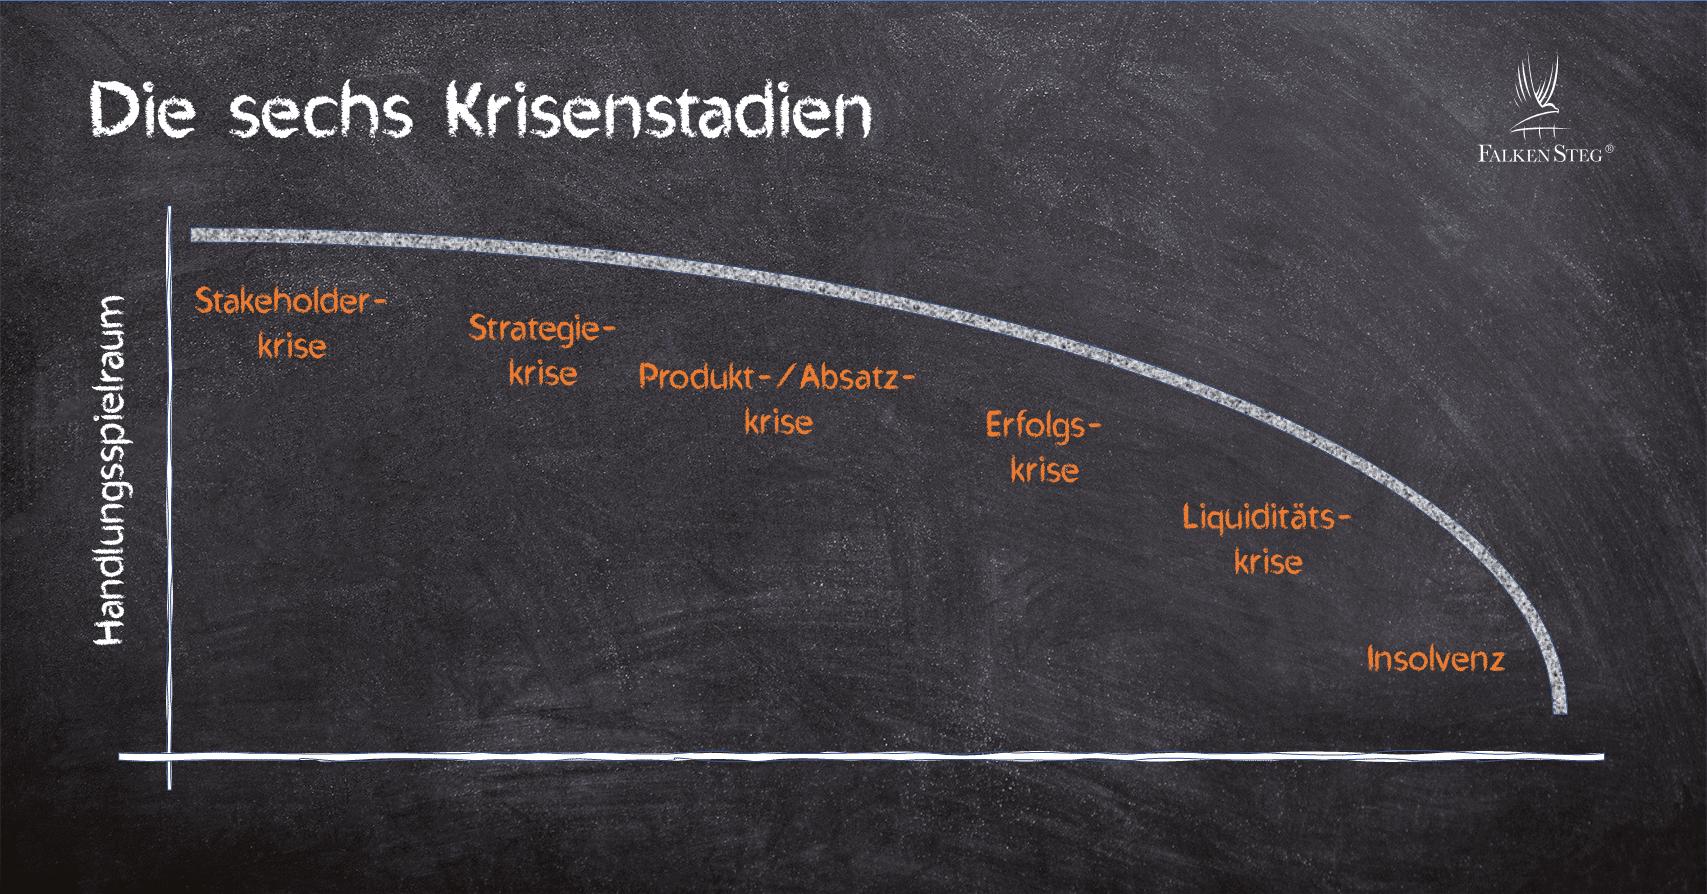 Falkensteg-Starug-Saninsfog-Restrukturierung-Sanierungskonzept-duesseldorf-Frankfurt-Insights grafiken_krisenstadien